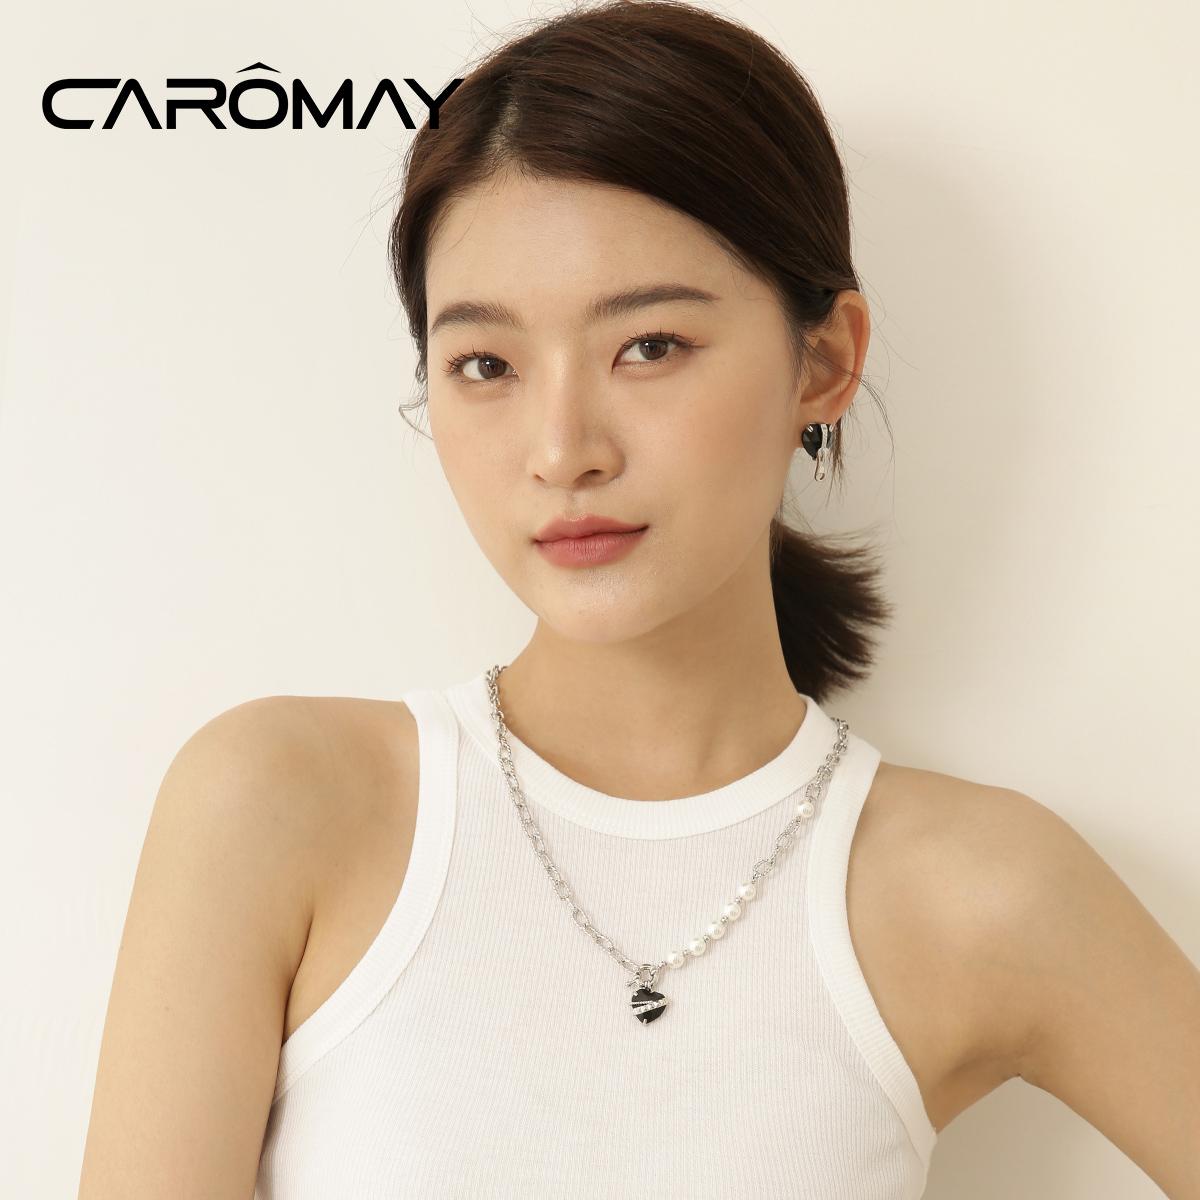 设计师款摇滚宝石爱心拼接项链女欧美时尚高级感轻奢颈链 CAROMAY